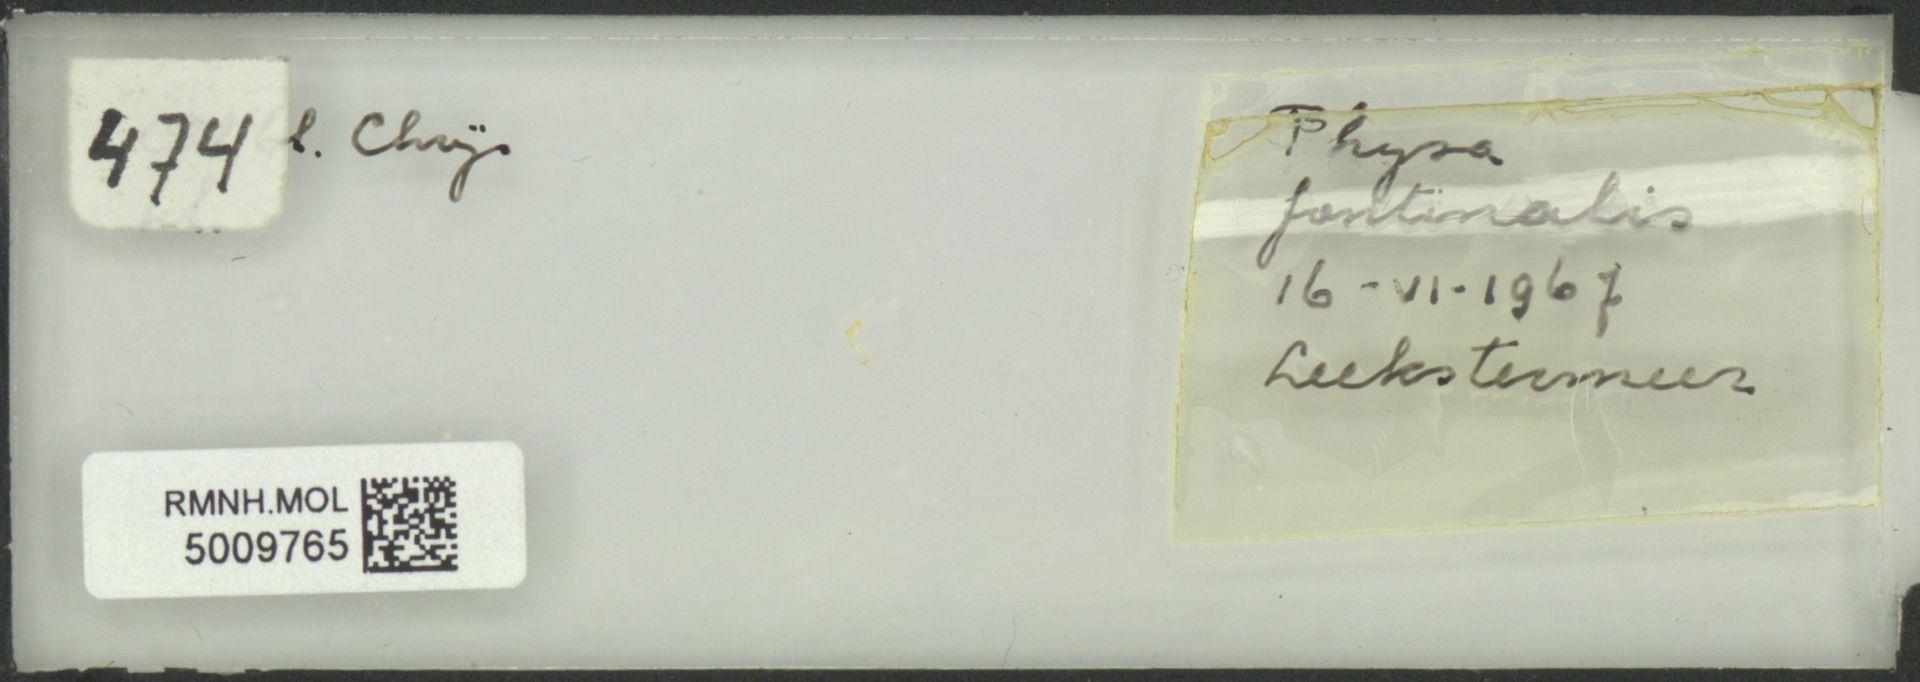 RMNH.MOL.5009765 | Physa fontinalis Linnaeus, 1758